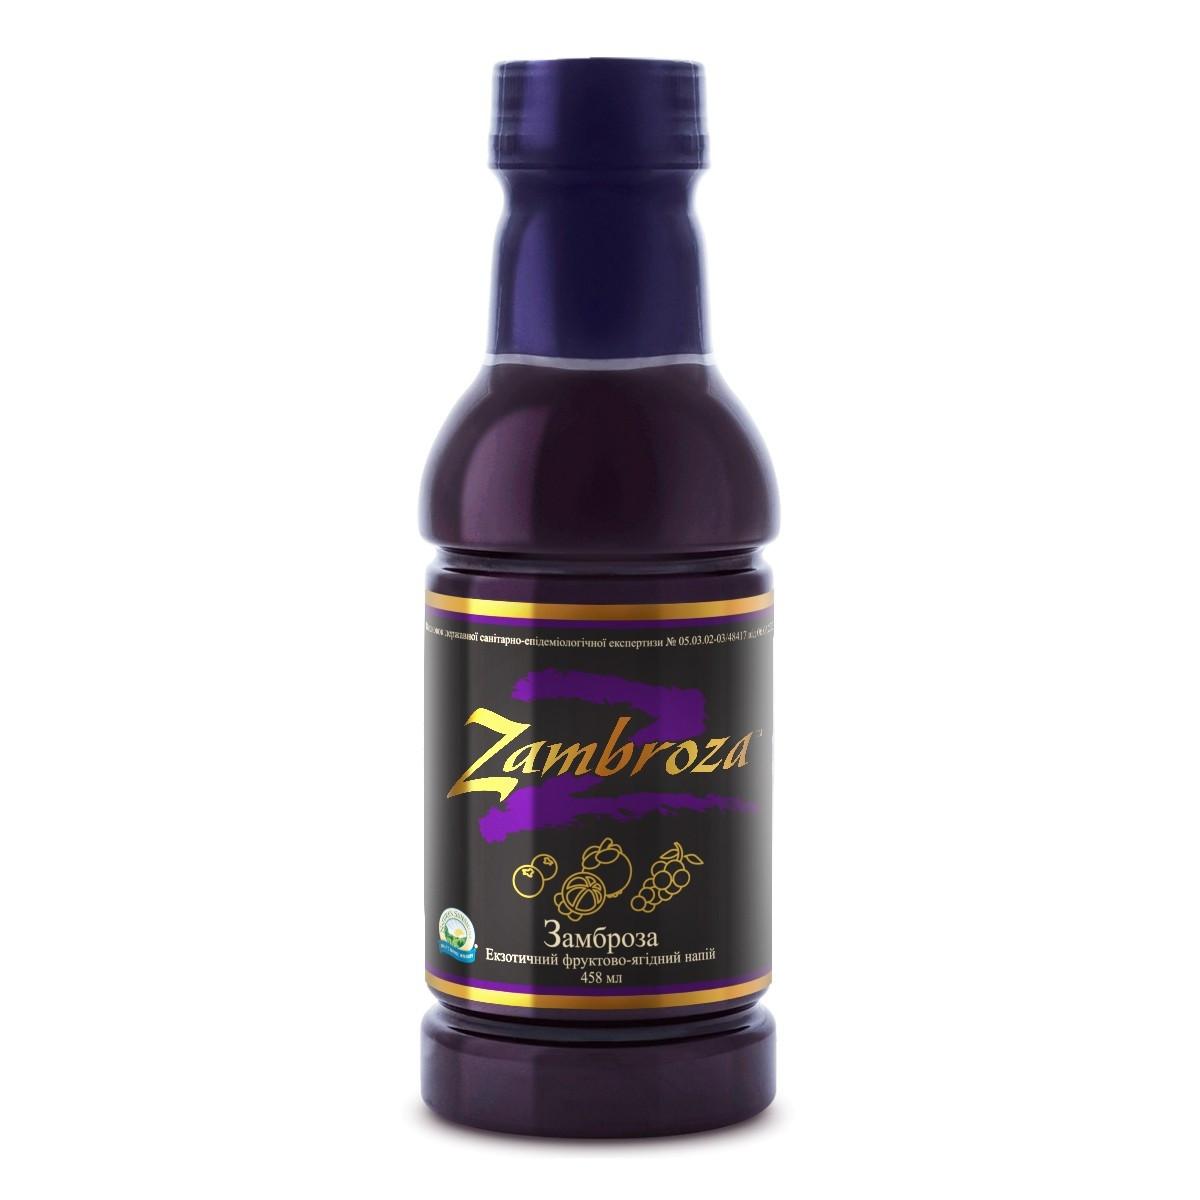 Антиоксидант - Замброза бад NSP -  для зрения, спортивное питание, для веганов.